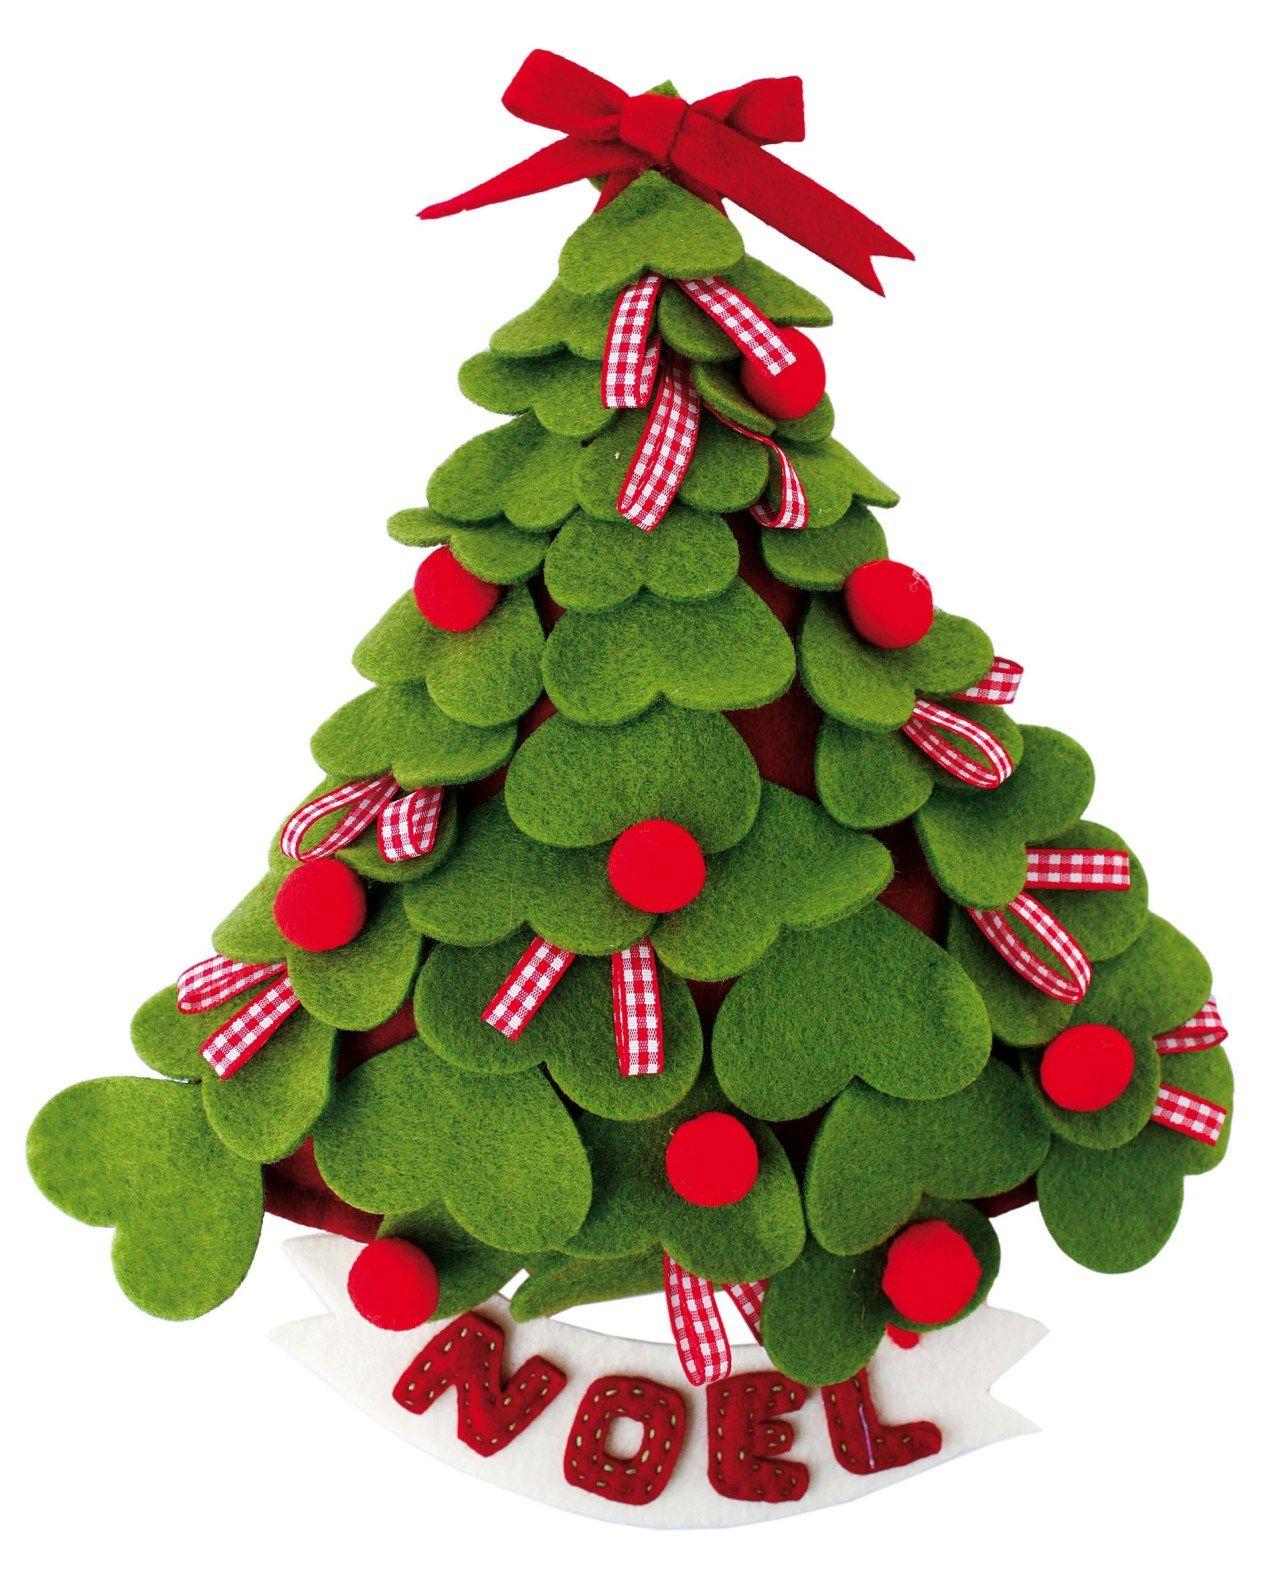 Albero Di Natale Sogno.Idee Natale Feltro Christmas Il Magico Mondo Dei Sogni Quilted Christmas Ornaments Felt Christmas Decorations Easy Christmas Ornaments